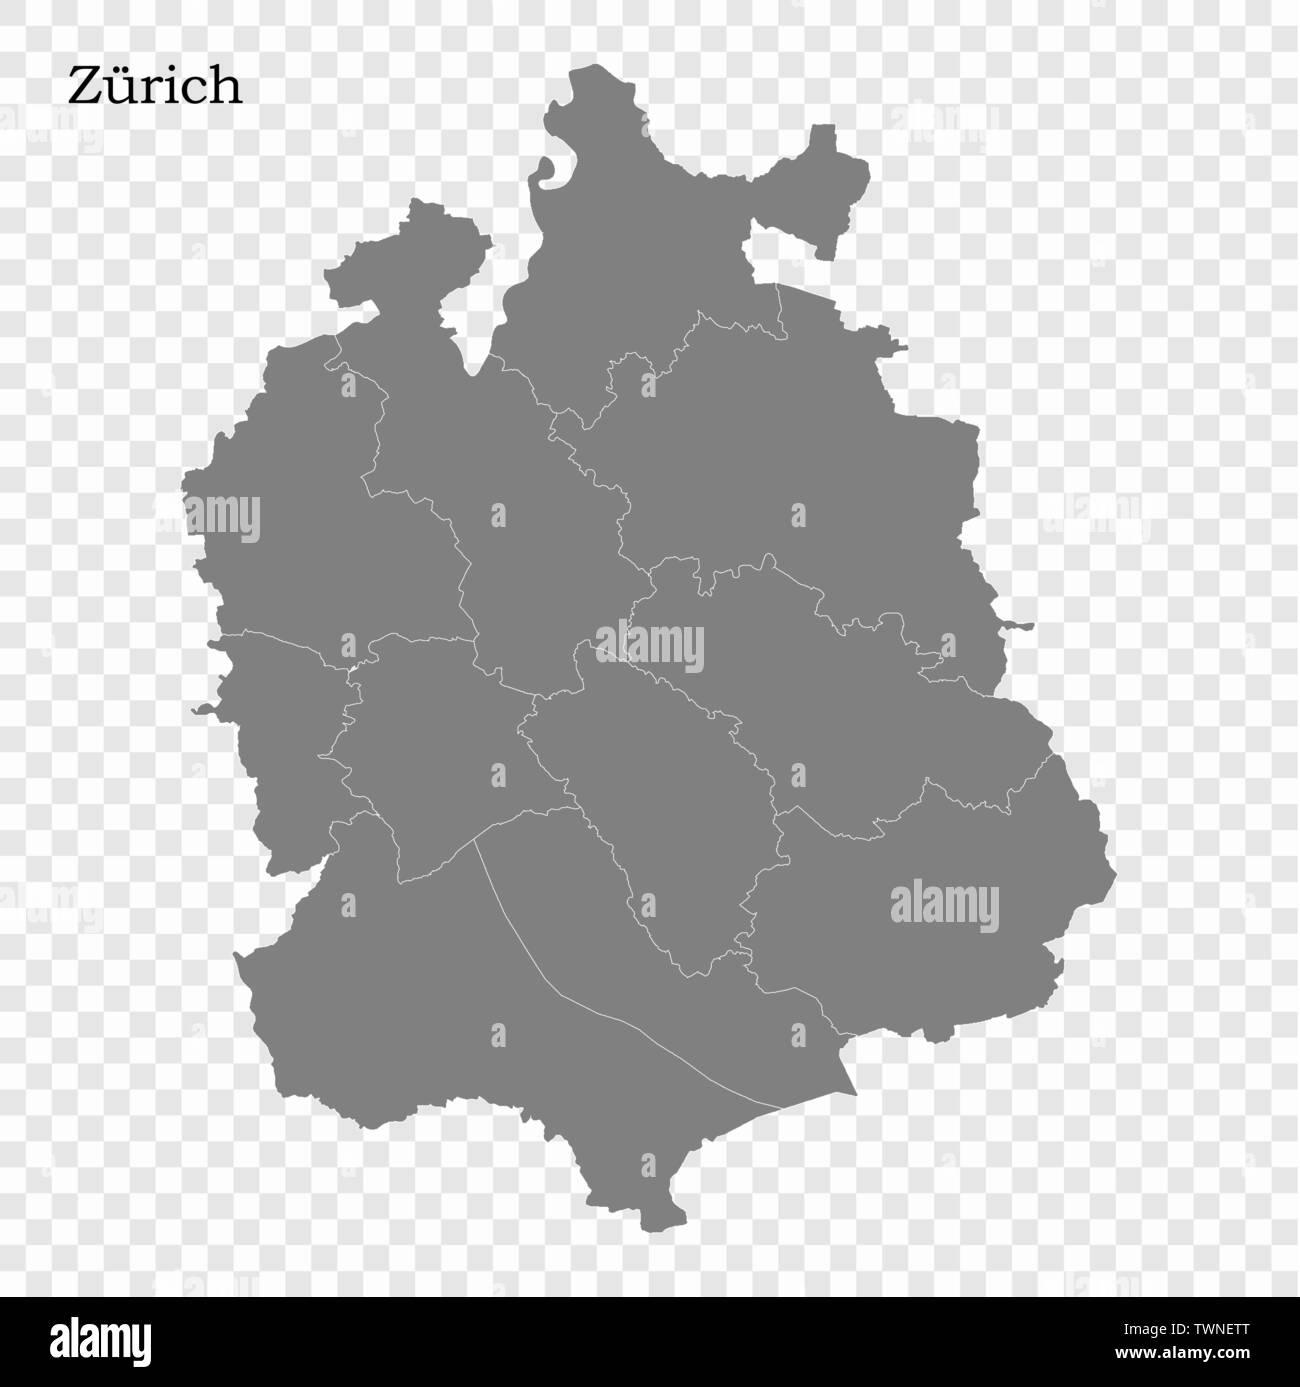 Zurich World Map on geneva world map, phoenix world map, san marino world map, cambridge world map, taipei world map, osaka world map, milan world map, innsbruck world map, nagano world map, dresden world map, golan heights world map, suzhou world map, nantes world map, prague world map, lyon world map, konya world map, surabaya world map, jeddah world map, madinah world map, beijing world map,